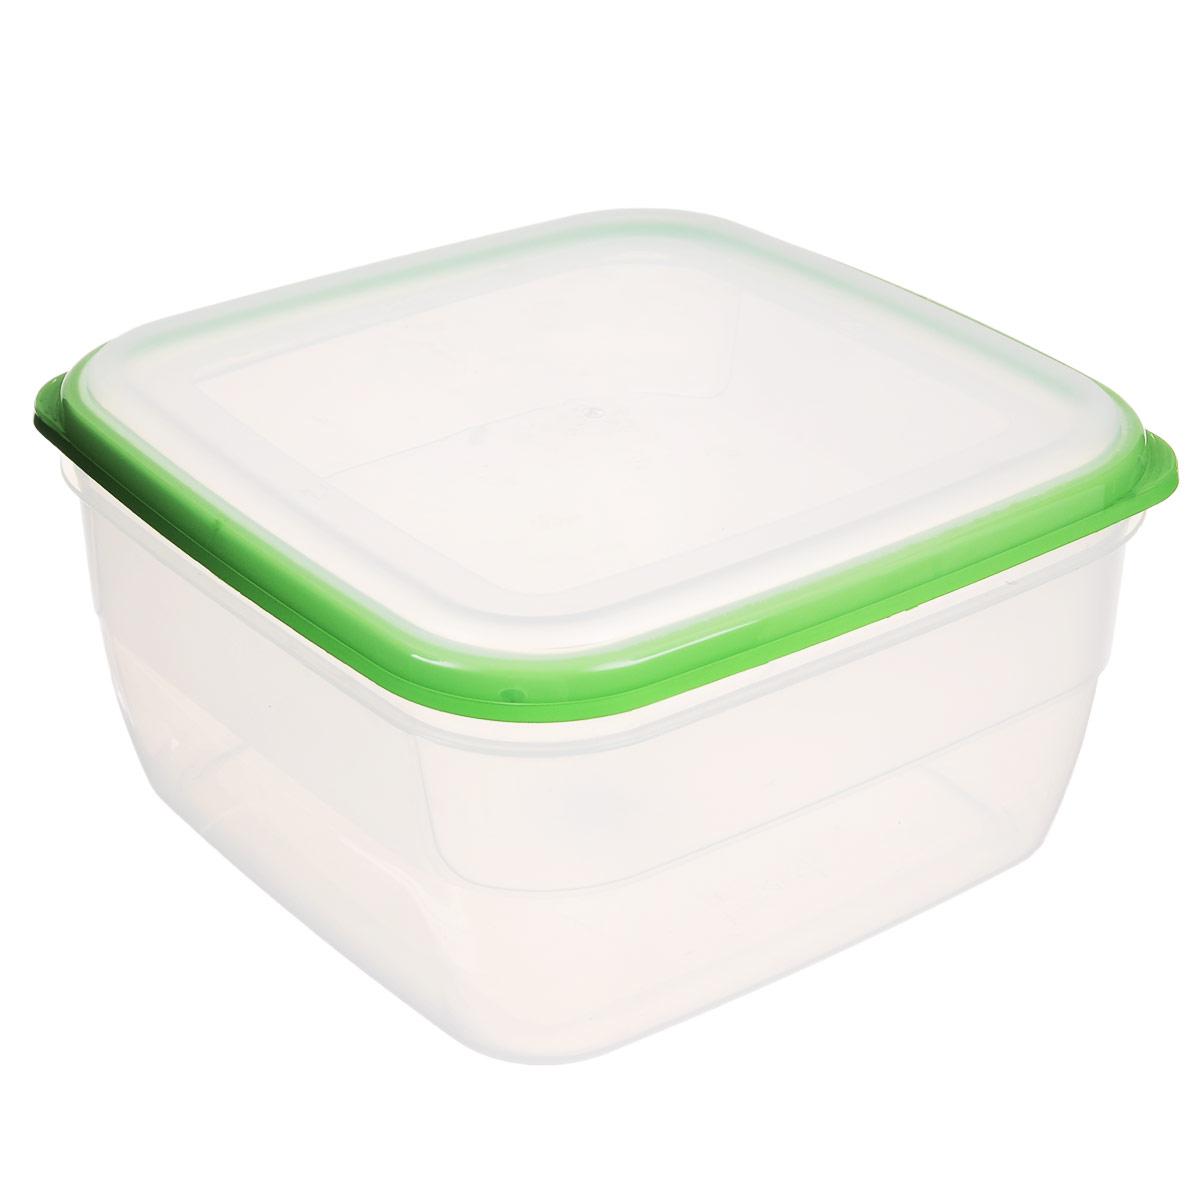 Контейнер Полимербыт Премиум, цвет: прозрачный, зеленый, 3 лС568Контейнер Полимербыт Премиум квадратной формы, изготовленный из прочного пластика, предназначен специально для хранения пищевых продуктов. Крышка легко открывается и плотно закрывается. Стенки контейнера прозрачные - хорошо видно, что внутри. Контейнер устойчив к воздействию масел и жиров, легко моется. Прозрачные стенки позволяют видеть содержимое. Контейнер имеет возможность хранения продуктов глубокой заморозки, обладает высокой прочностью. Подходит для использования в микроволновых печах. Можно мыть в посудомоечной машине.